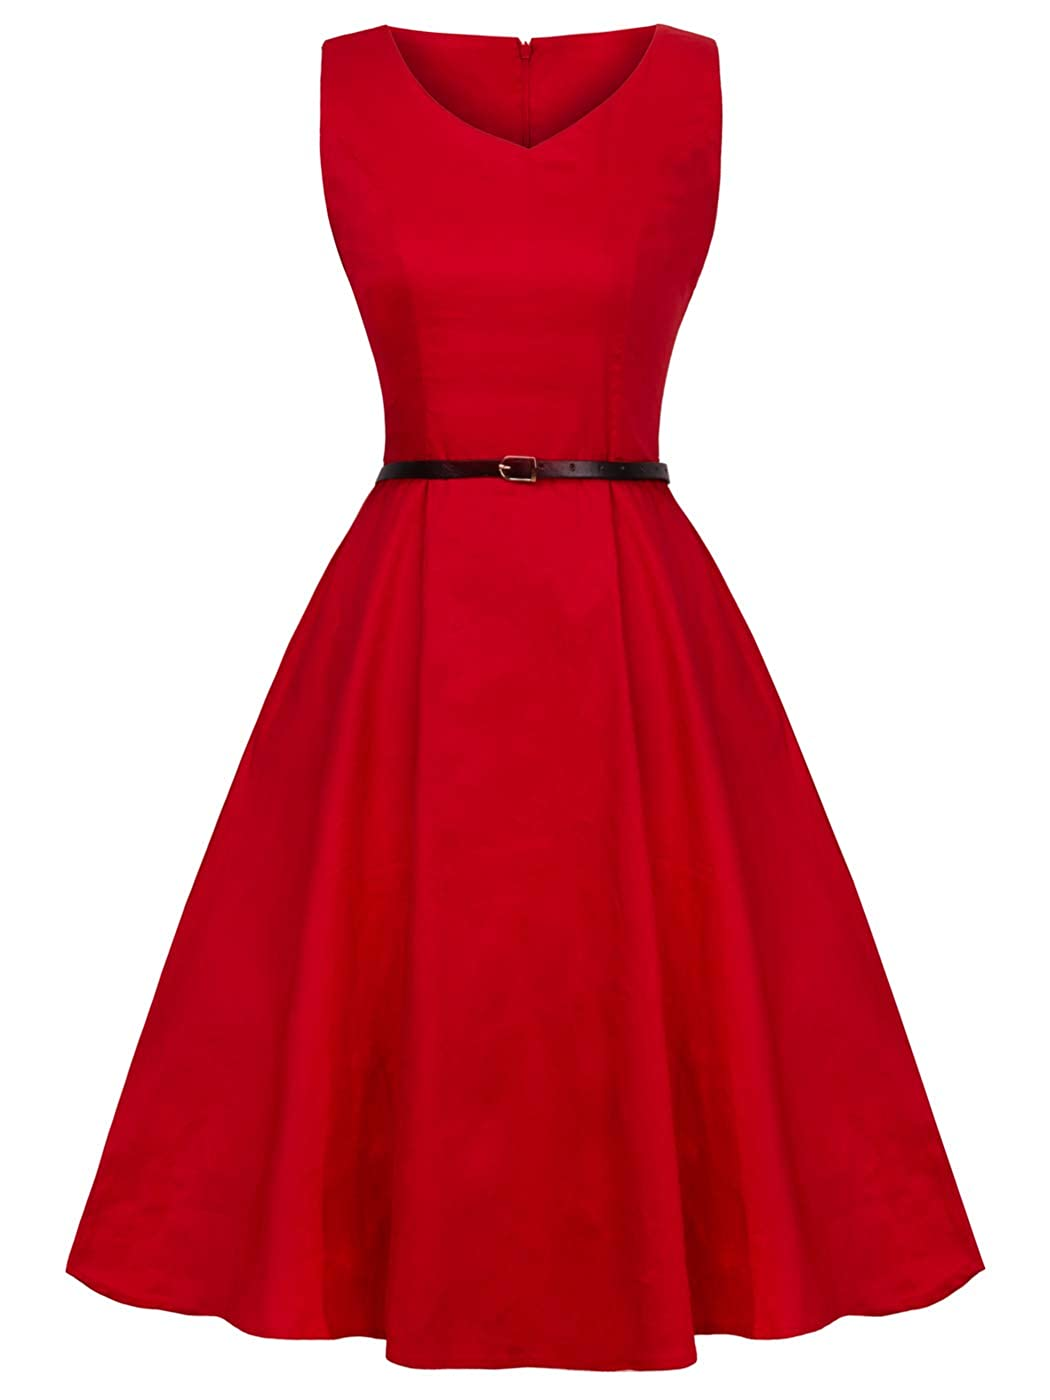 Womens V-Neck Sleeveless Vintage Swing Teal Dress Belt YL001